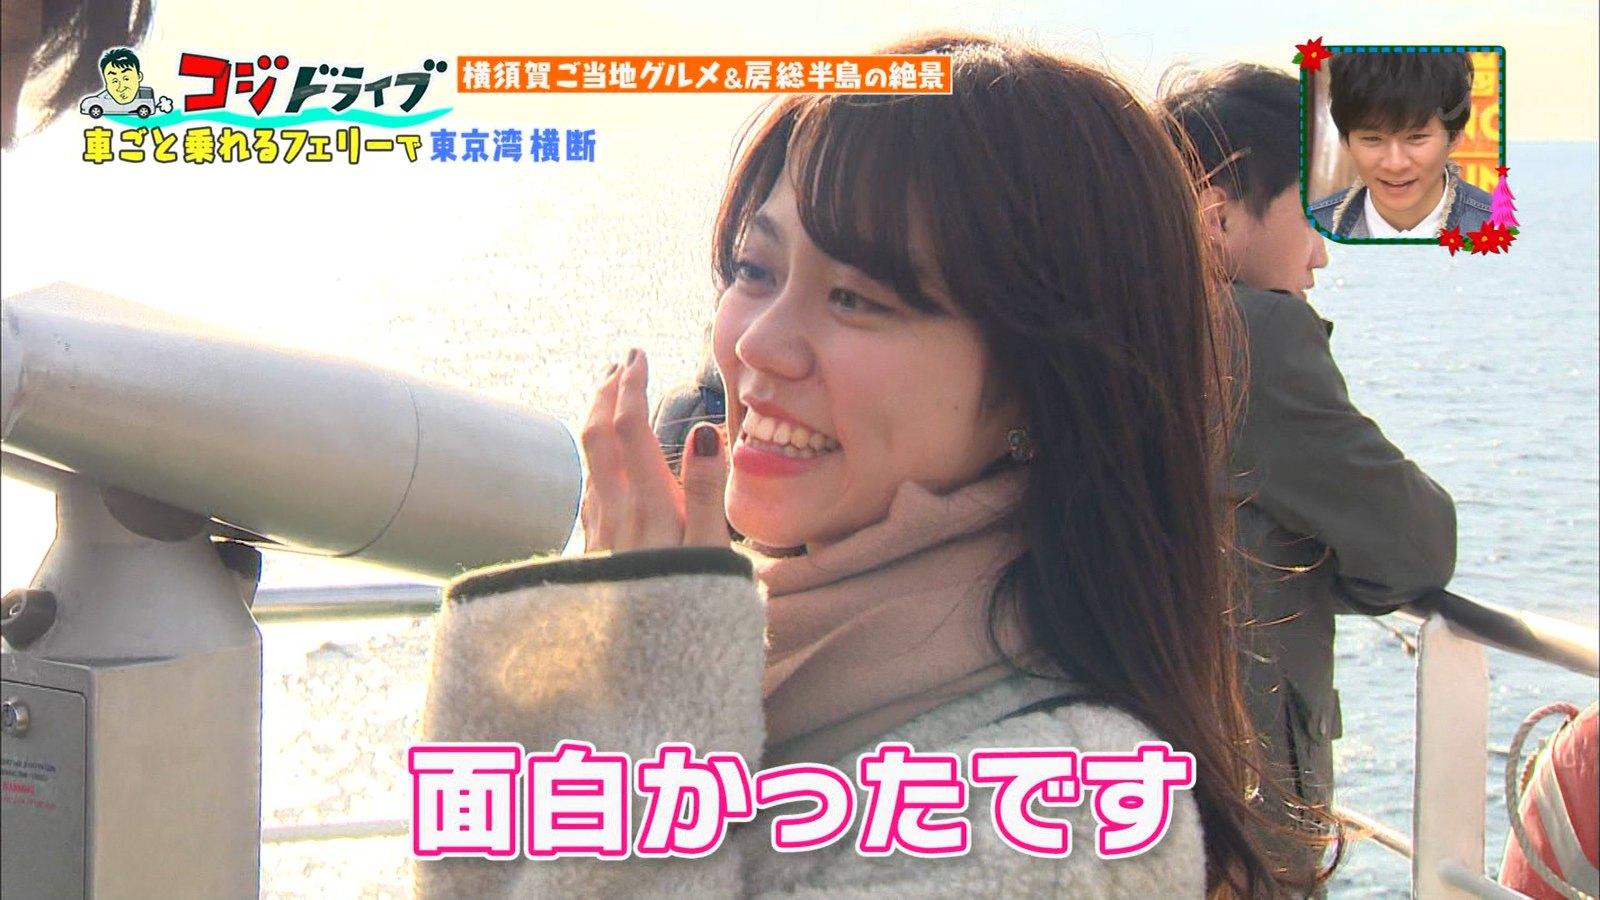 2018年12月8日TBS「王様のブランチ」熊井友理奈さんのテレビキャプチャー画像-094